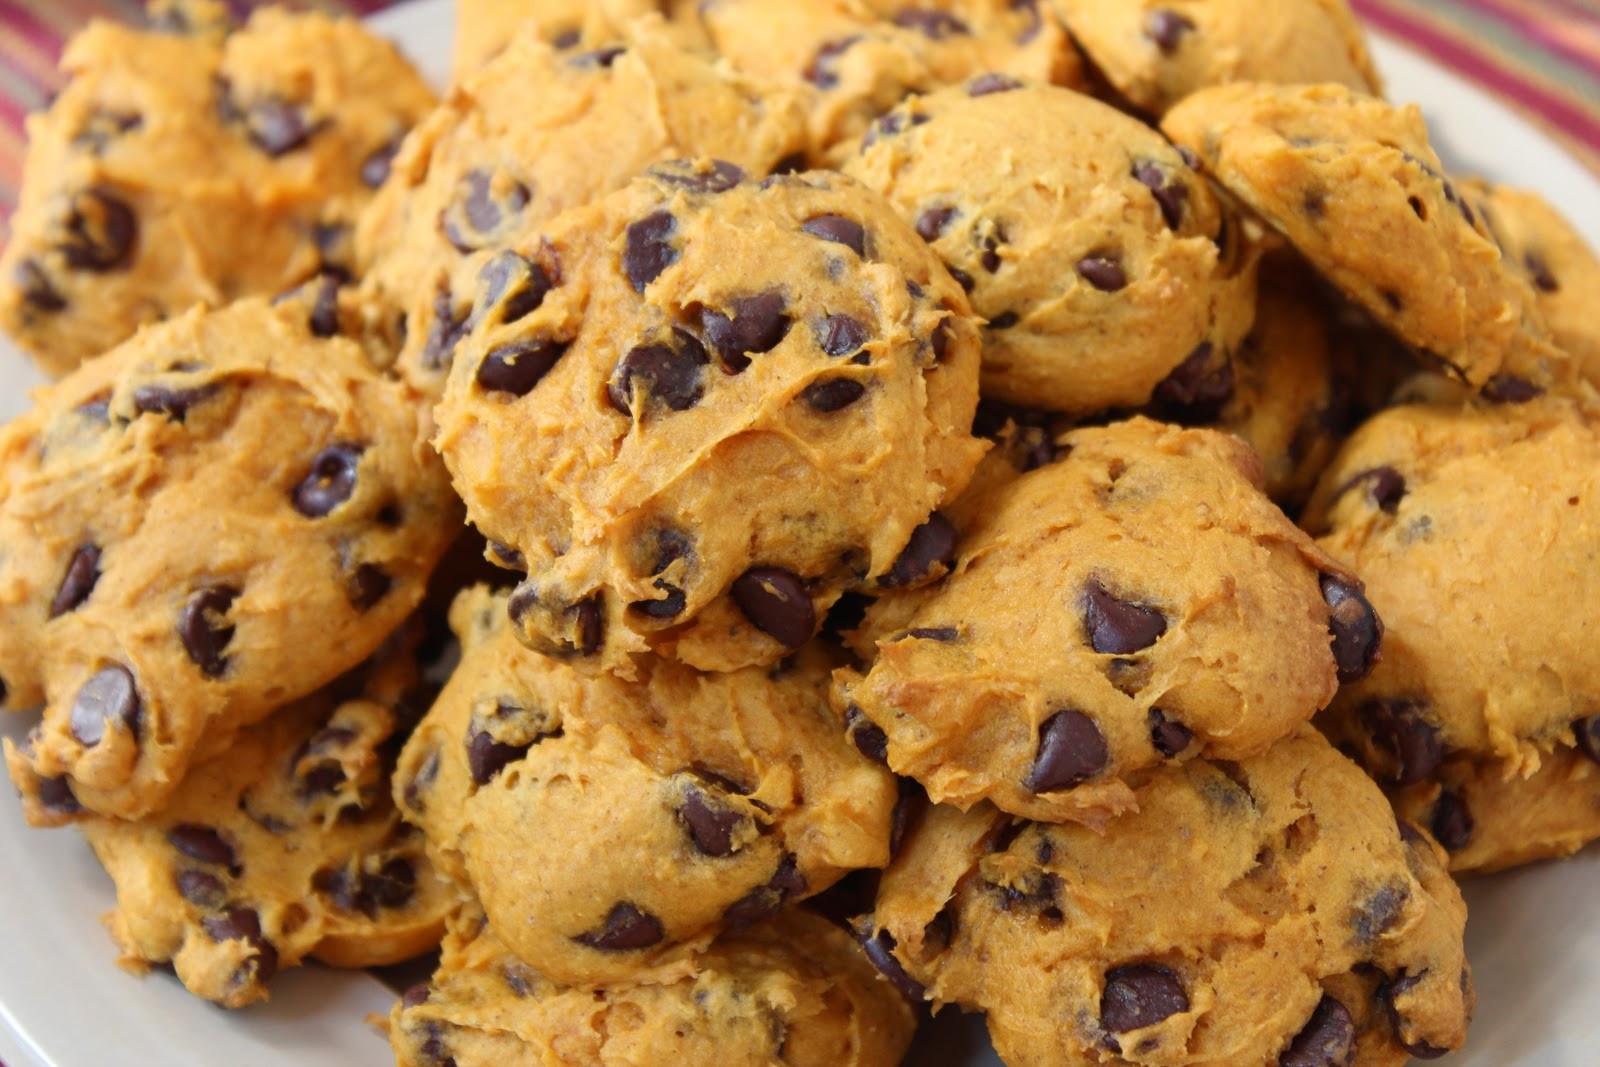 Easy Pumpkin Chocolate Chip Cookies  booturtle s show and tell Easy Pumpkin Chocolate Chip Cookies